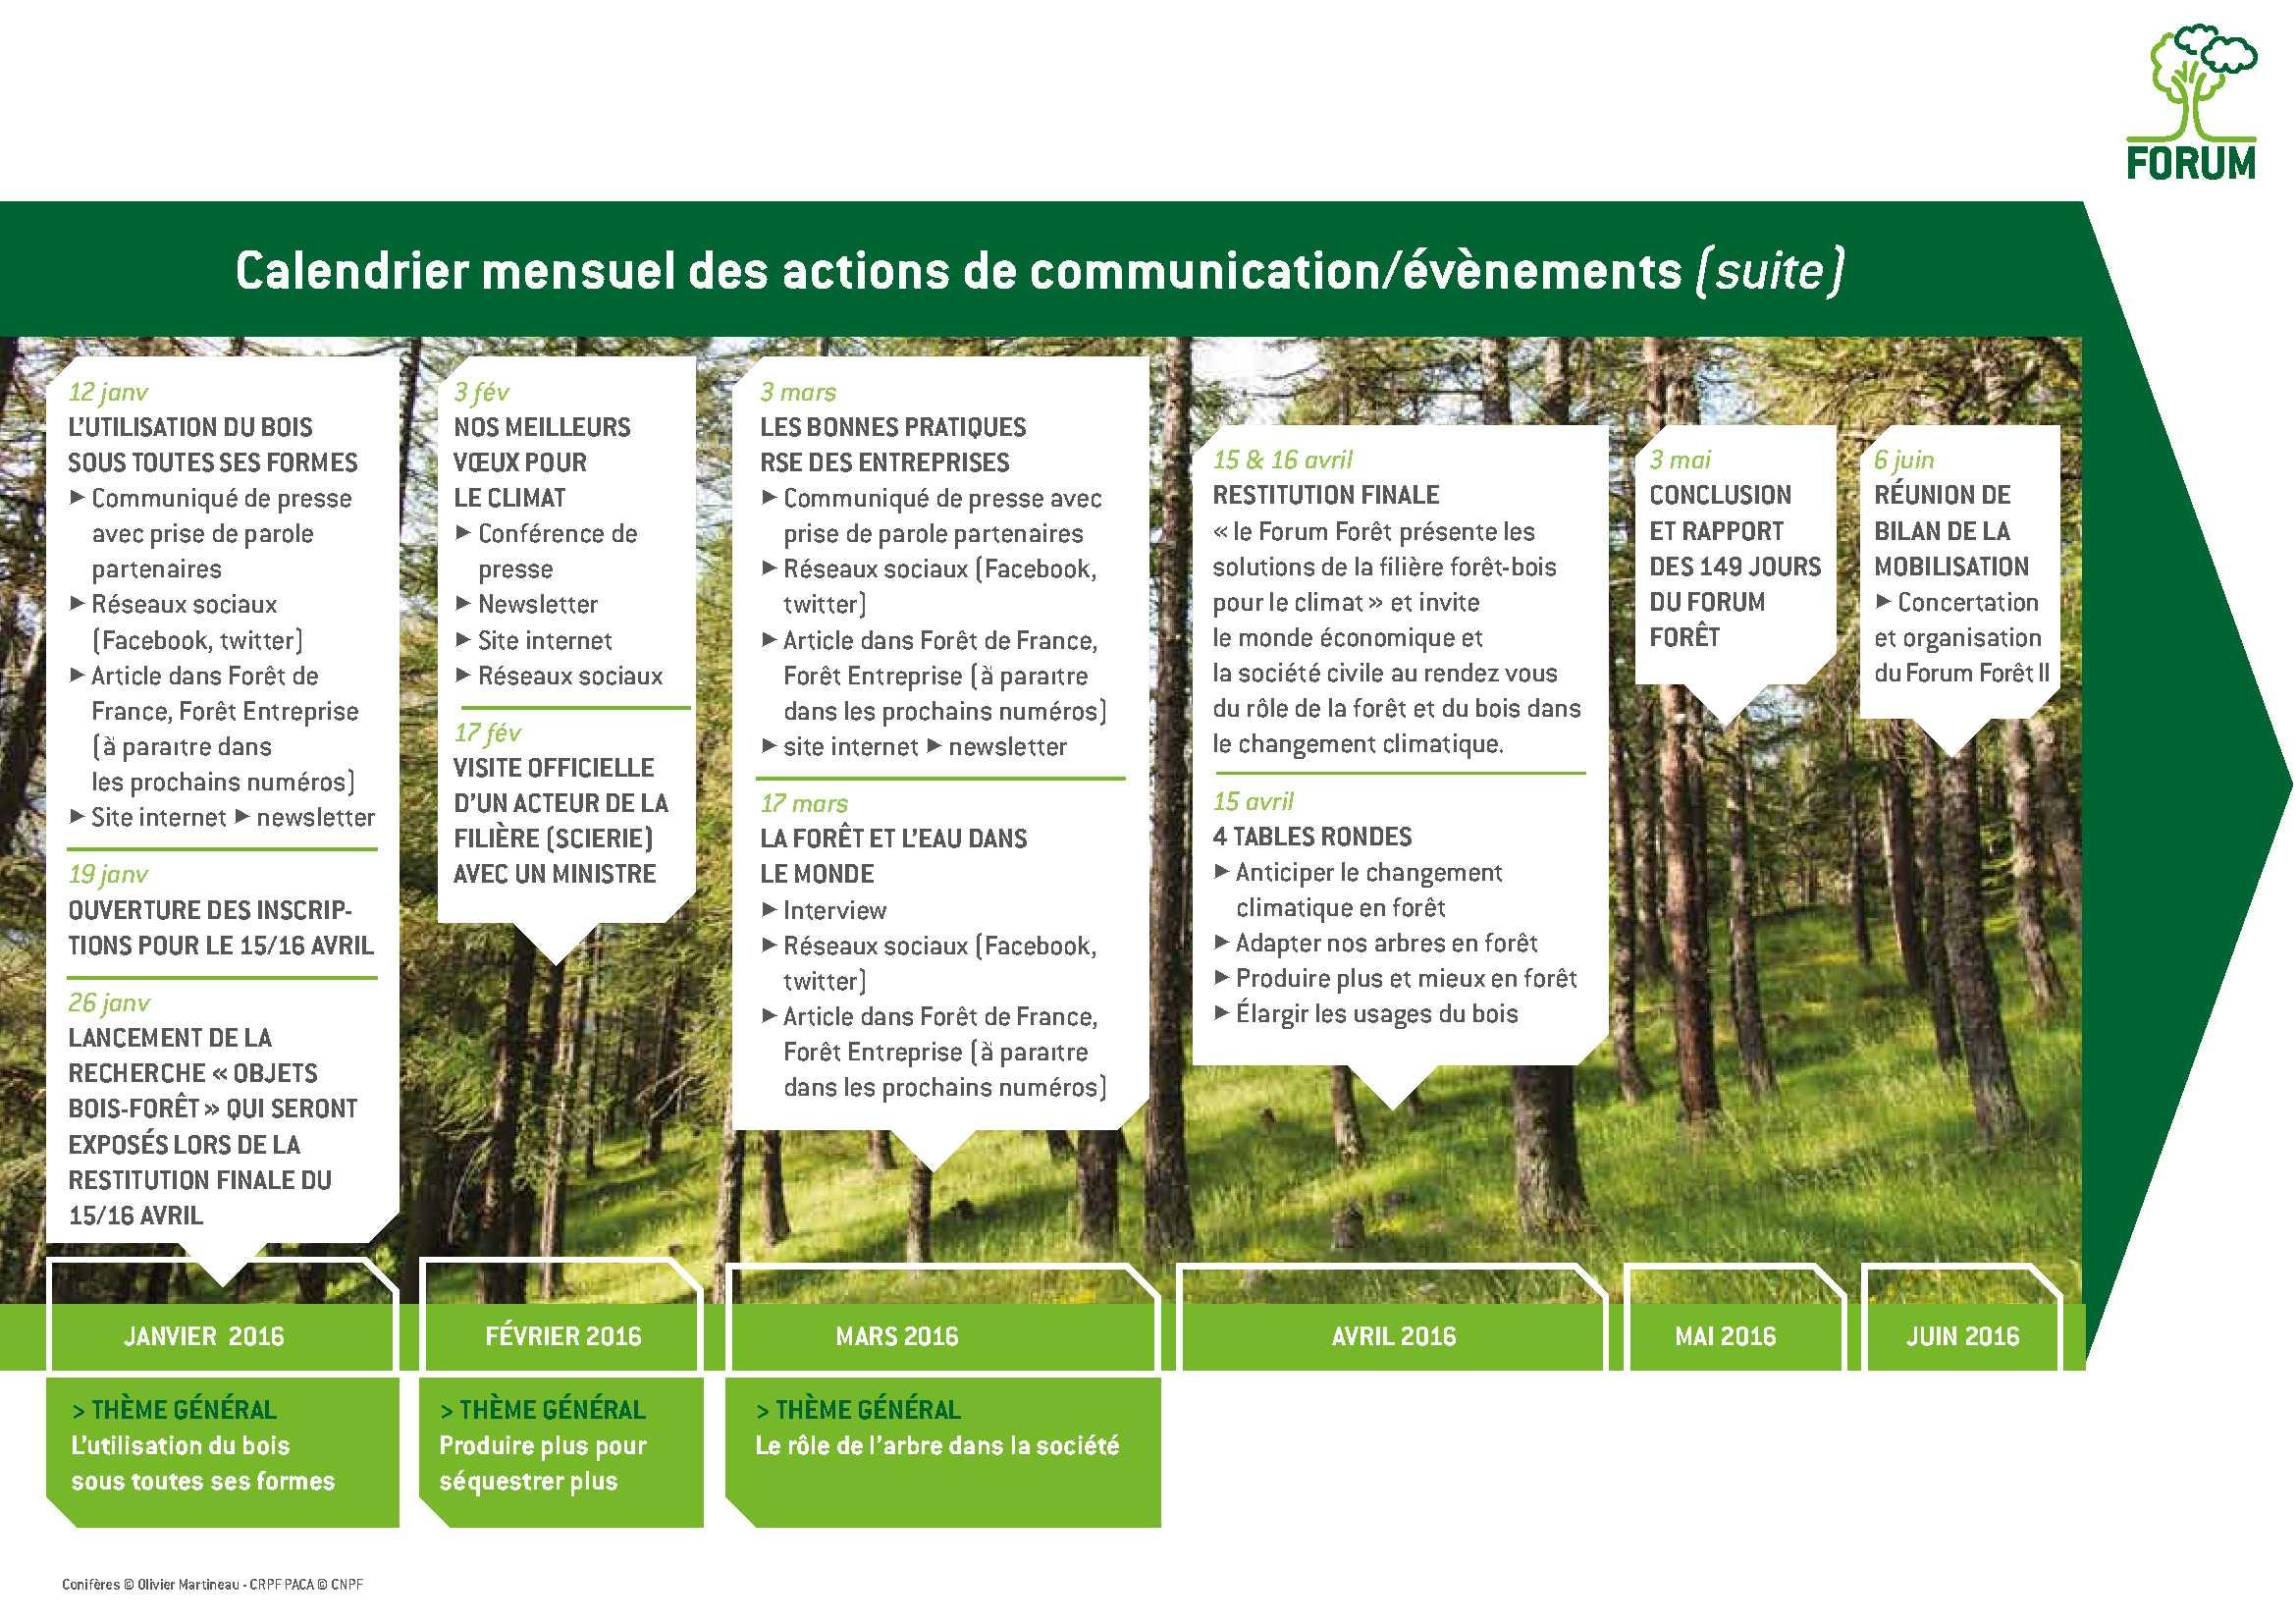 Forum for t le calendrier - Office national de publication et de communication ...